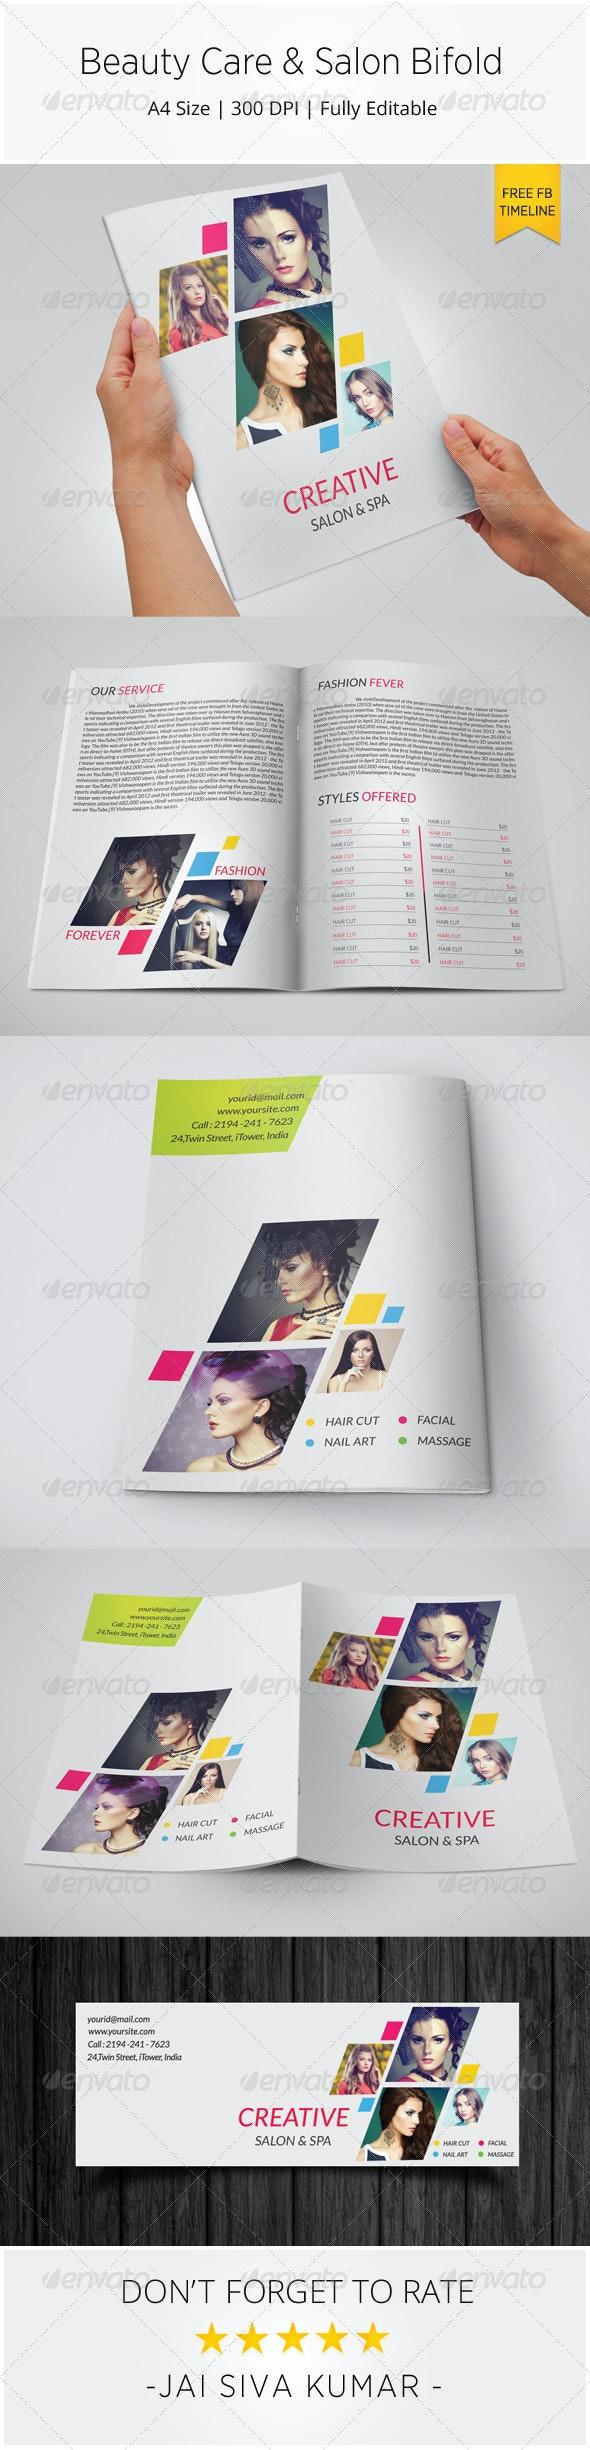 Beauty Care & Salon Bi-fold Brochure Template - Catalogs Brochures